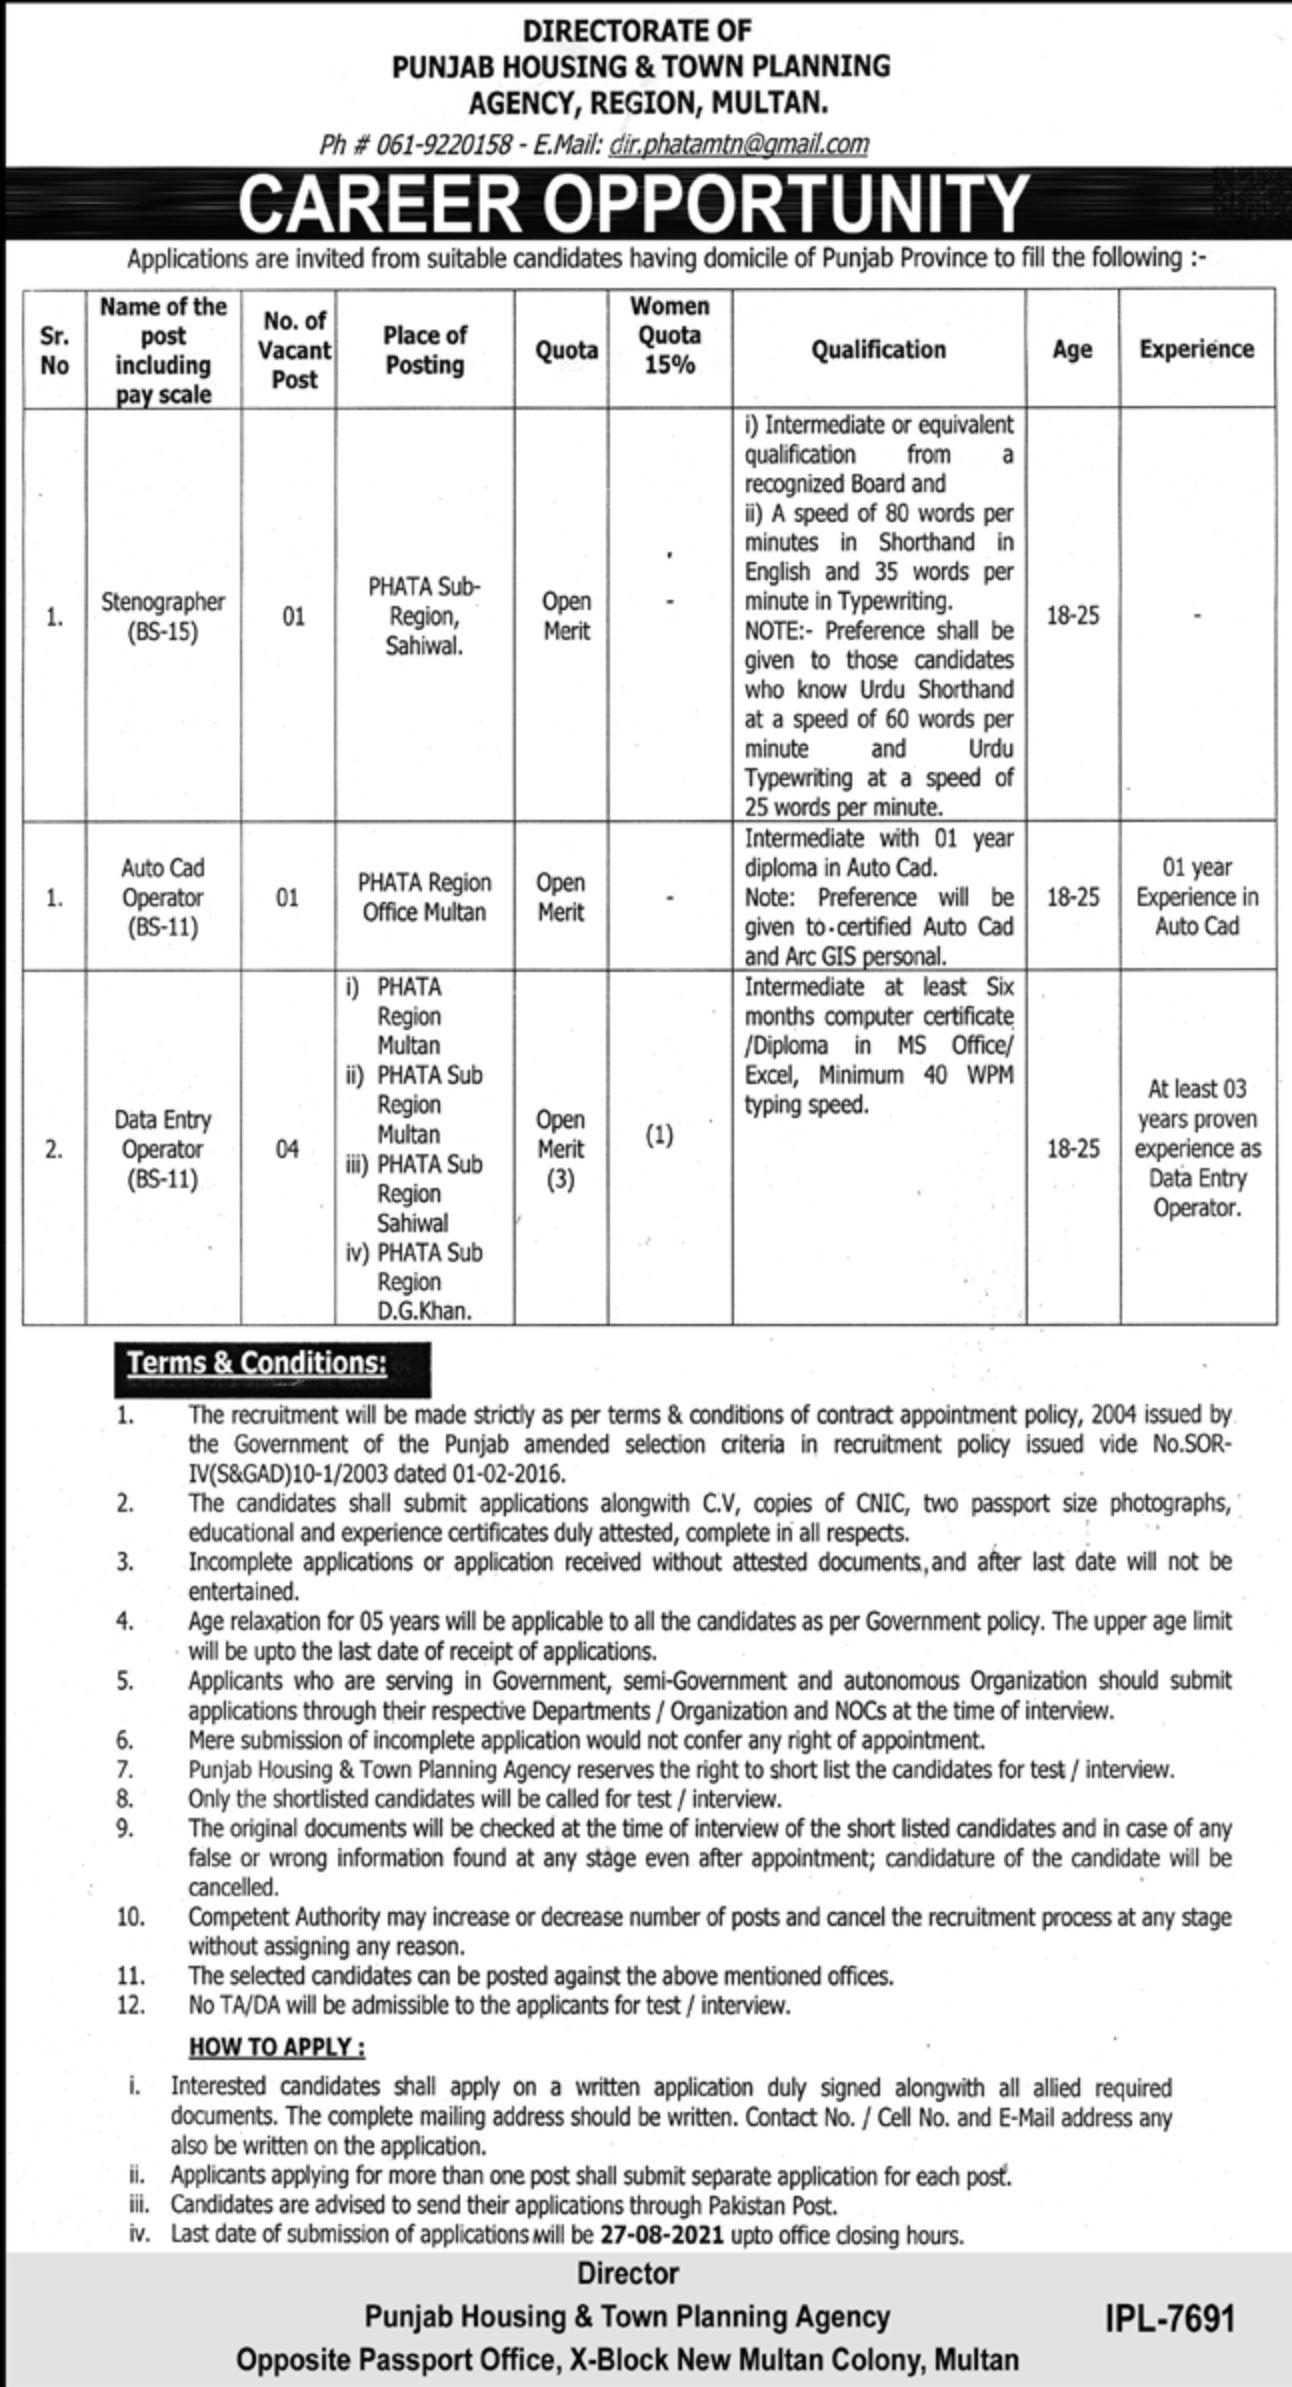 Punjab Housing & Town Planning Agency Multan Jobs 2021 3